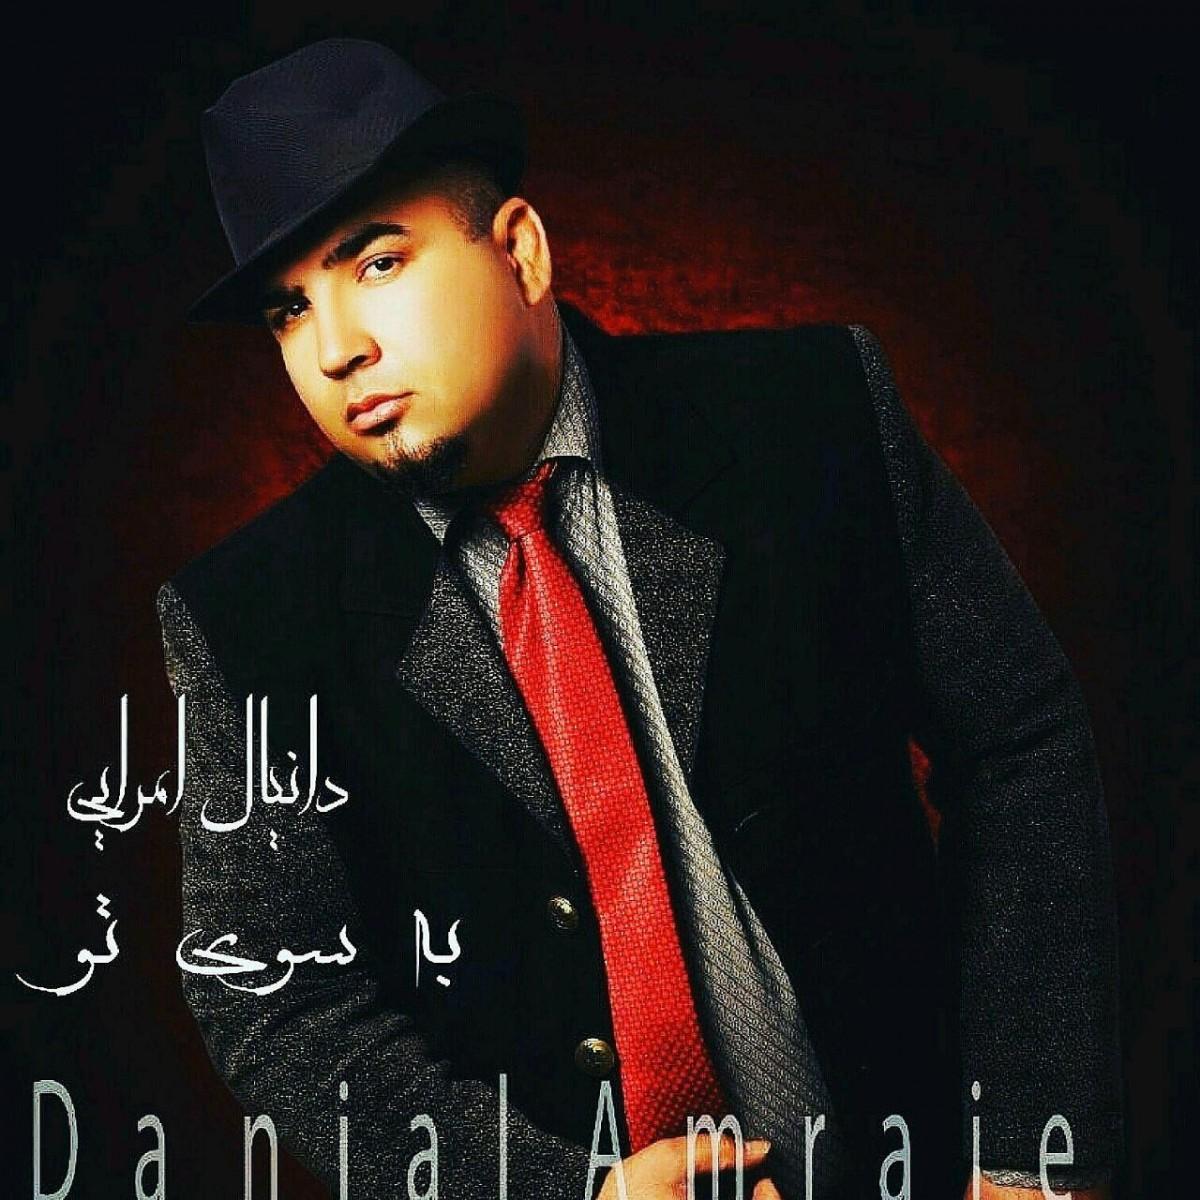 نامبر وان موزیک | دانلود آهنگ جدید Danial-Amraei-Be-Soye-To